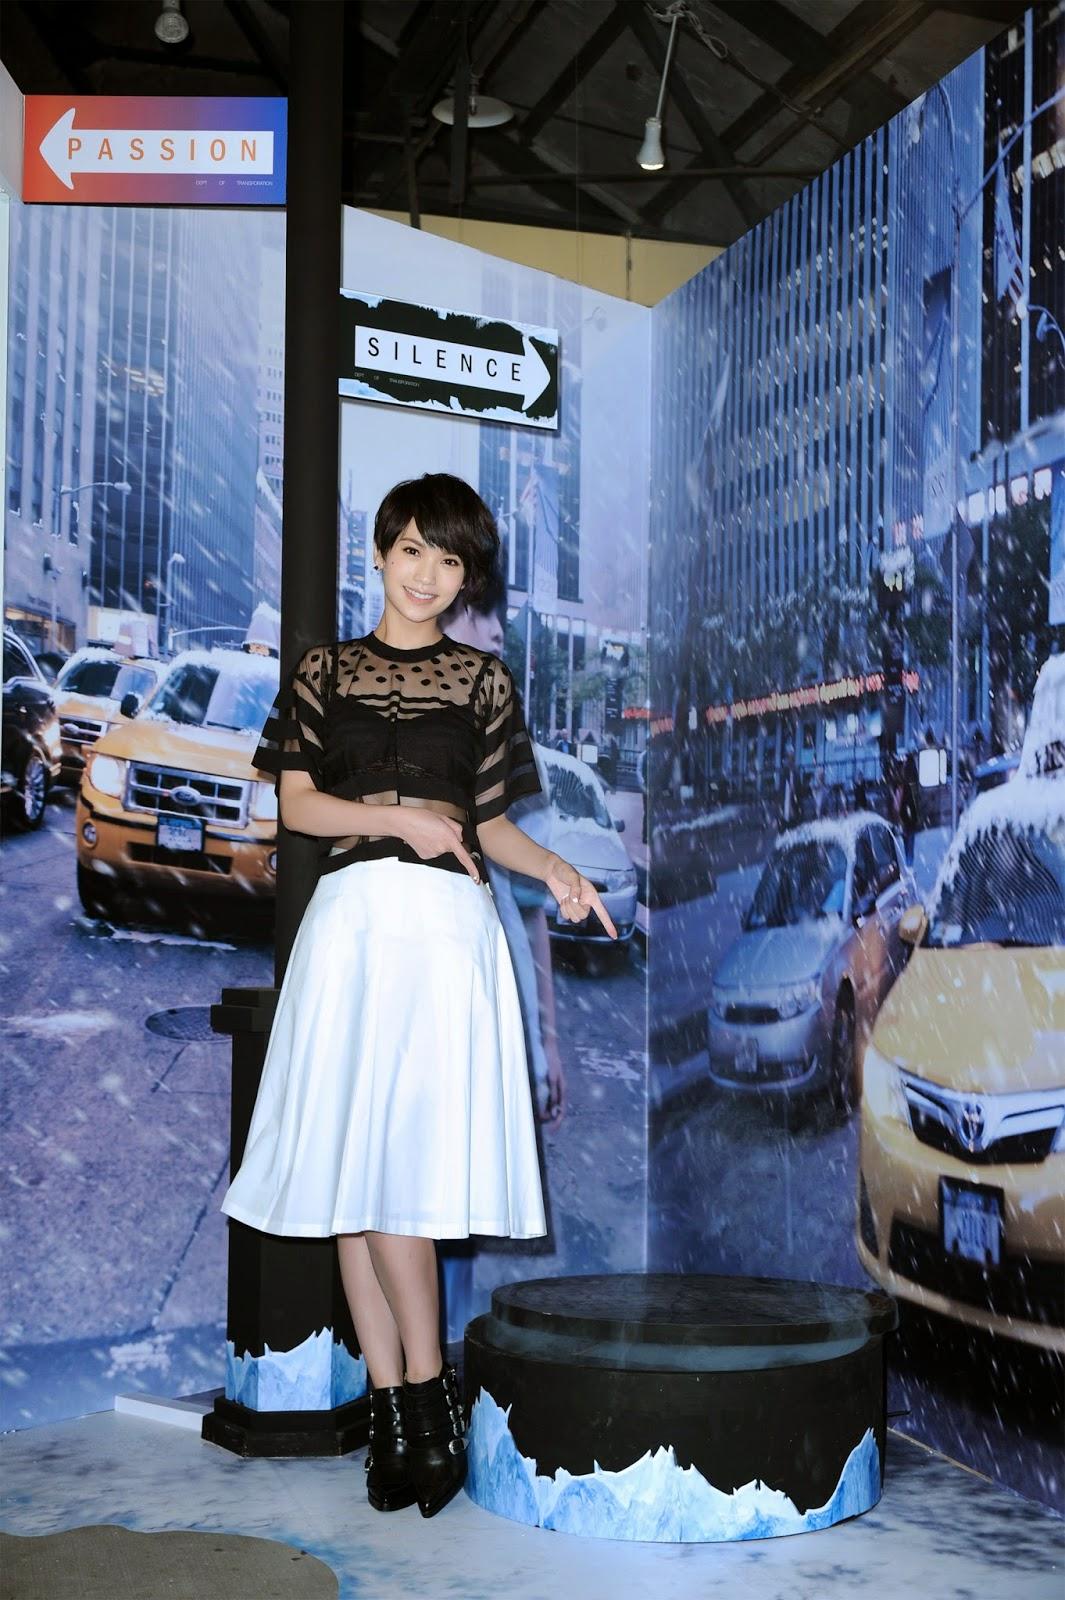 楊丞琳揭幕《雙丞戲4D展》重現紐約街景藝術 - WoWoNews